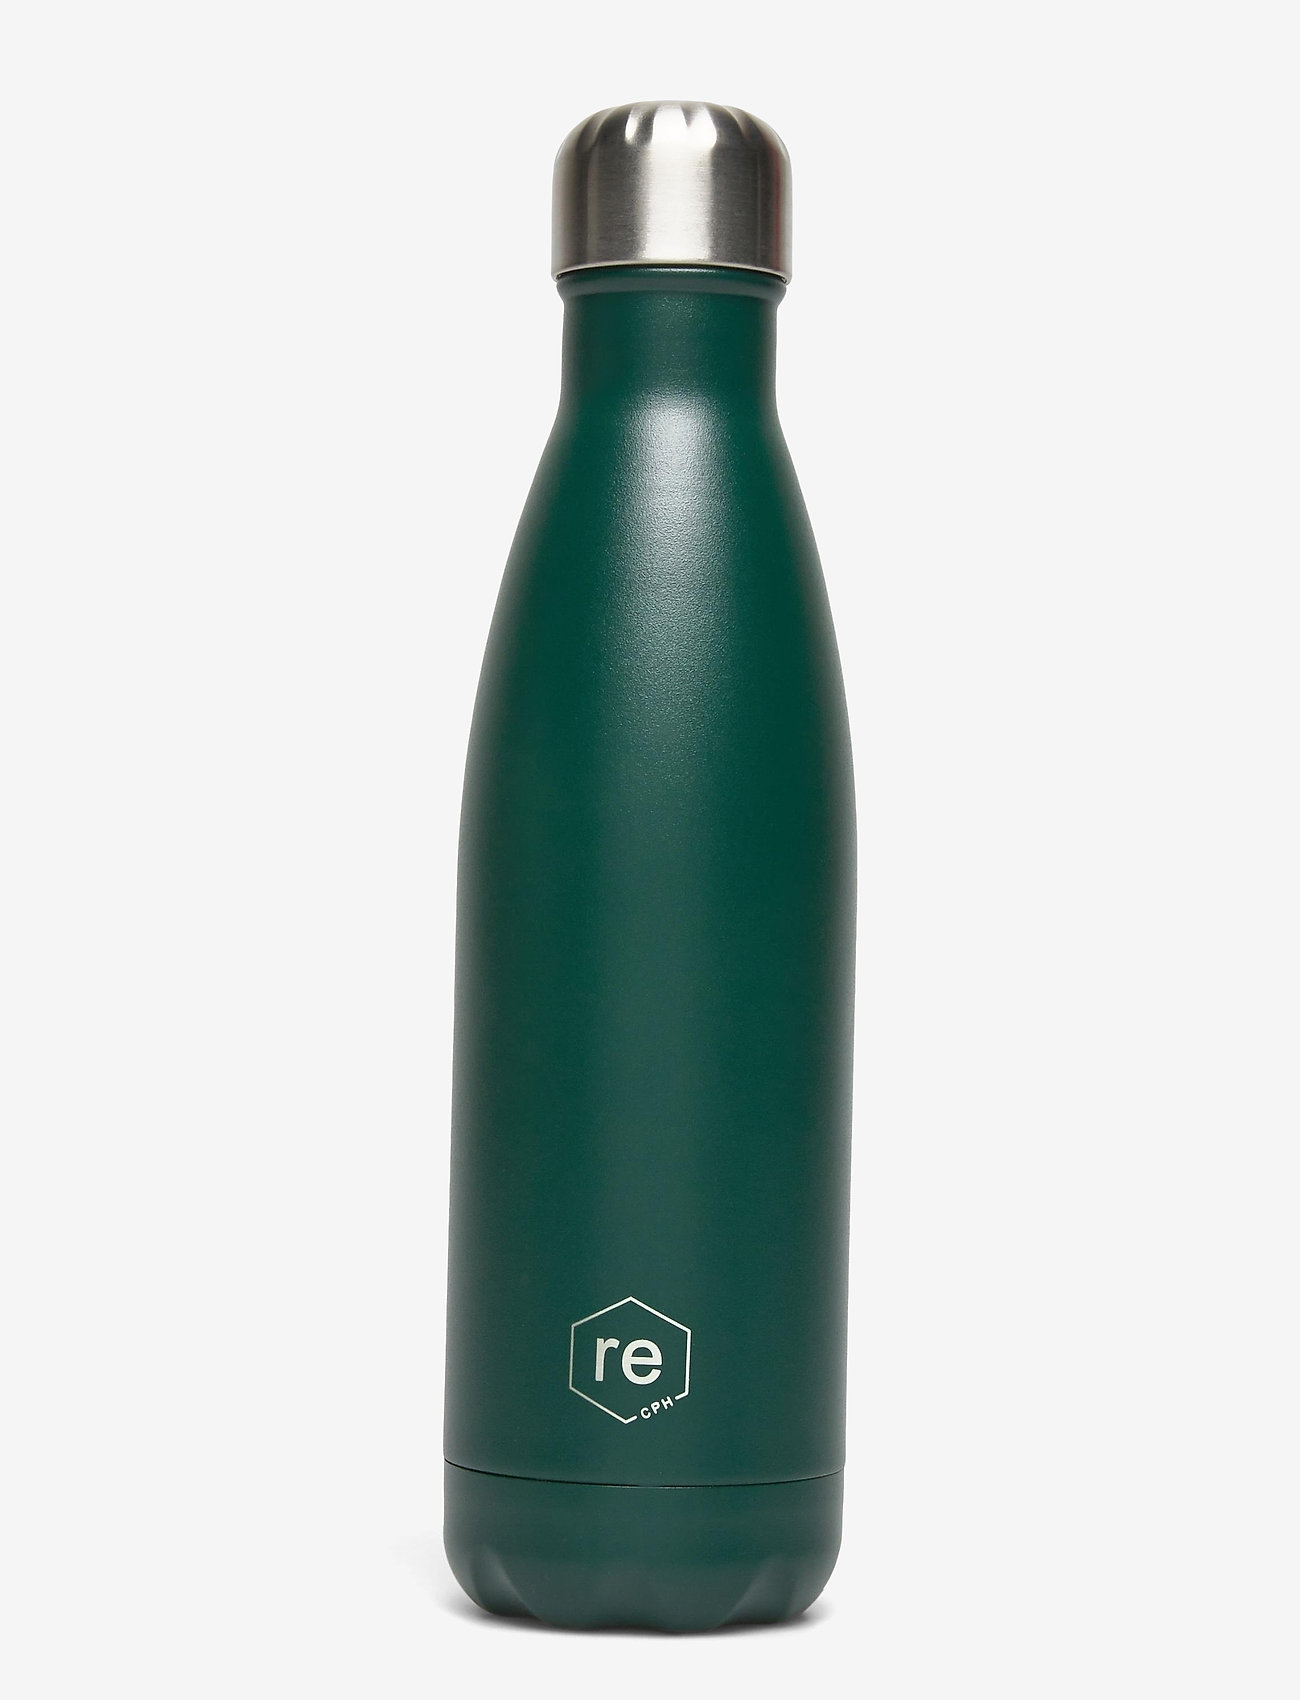 Markberg - Rebottle 500 ml, Powder Coat - dark green w/silver lid - 0